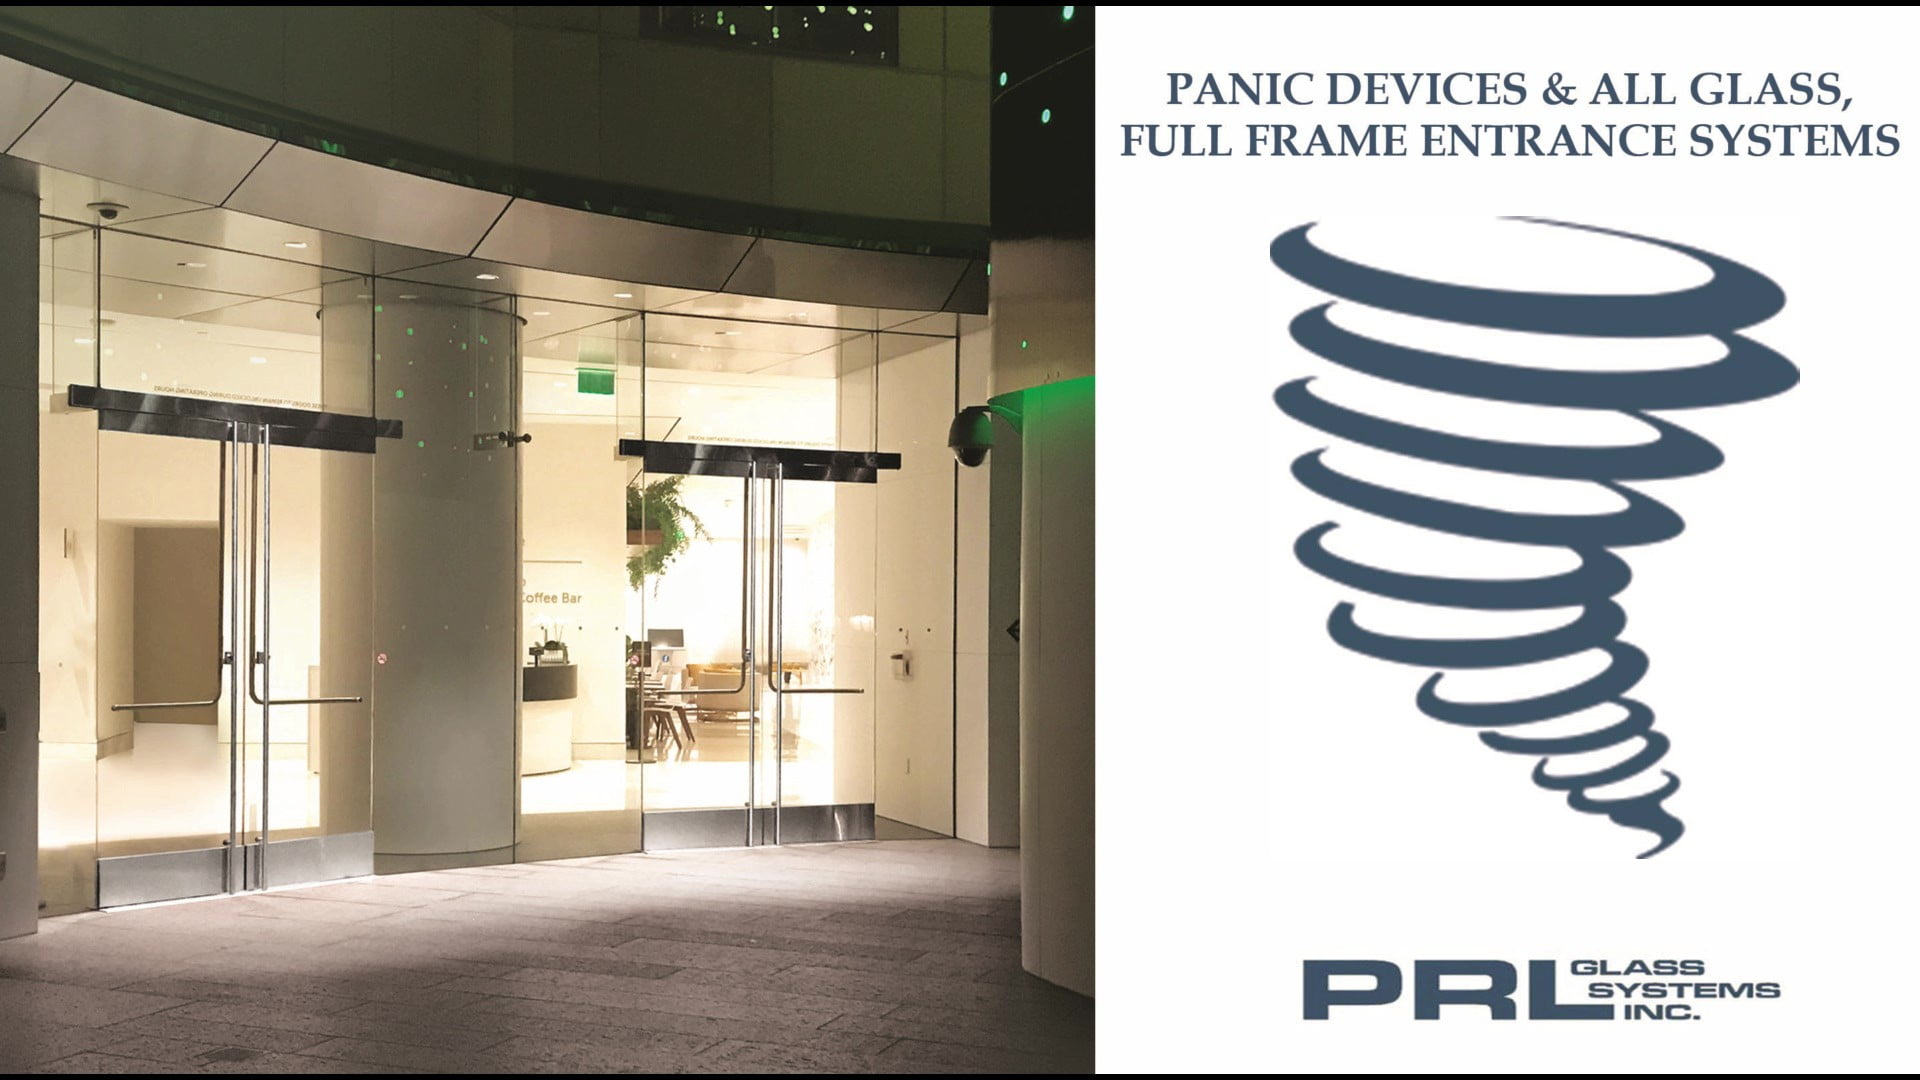 Glass Door Panic Devices Video